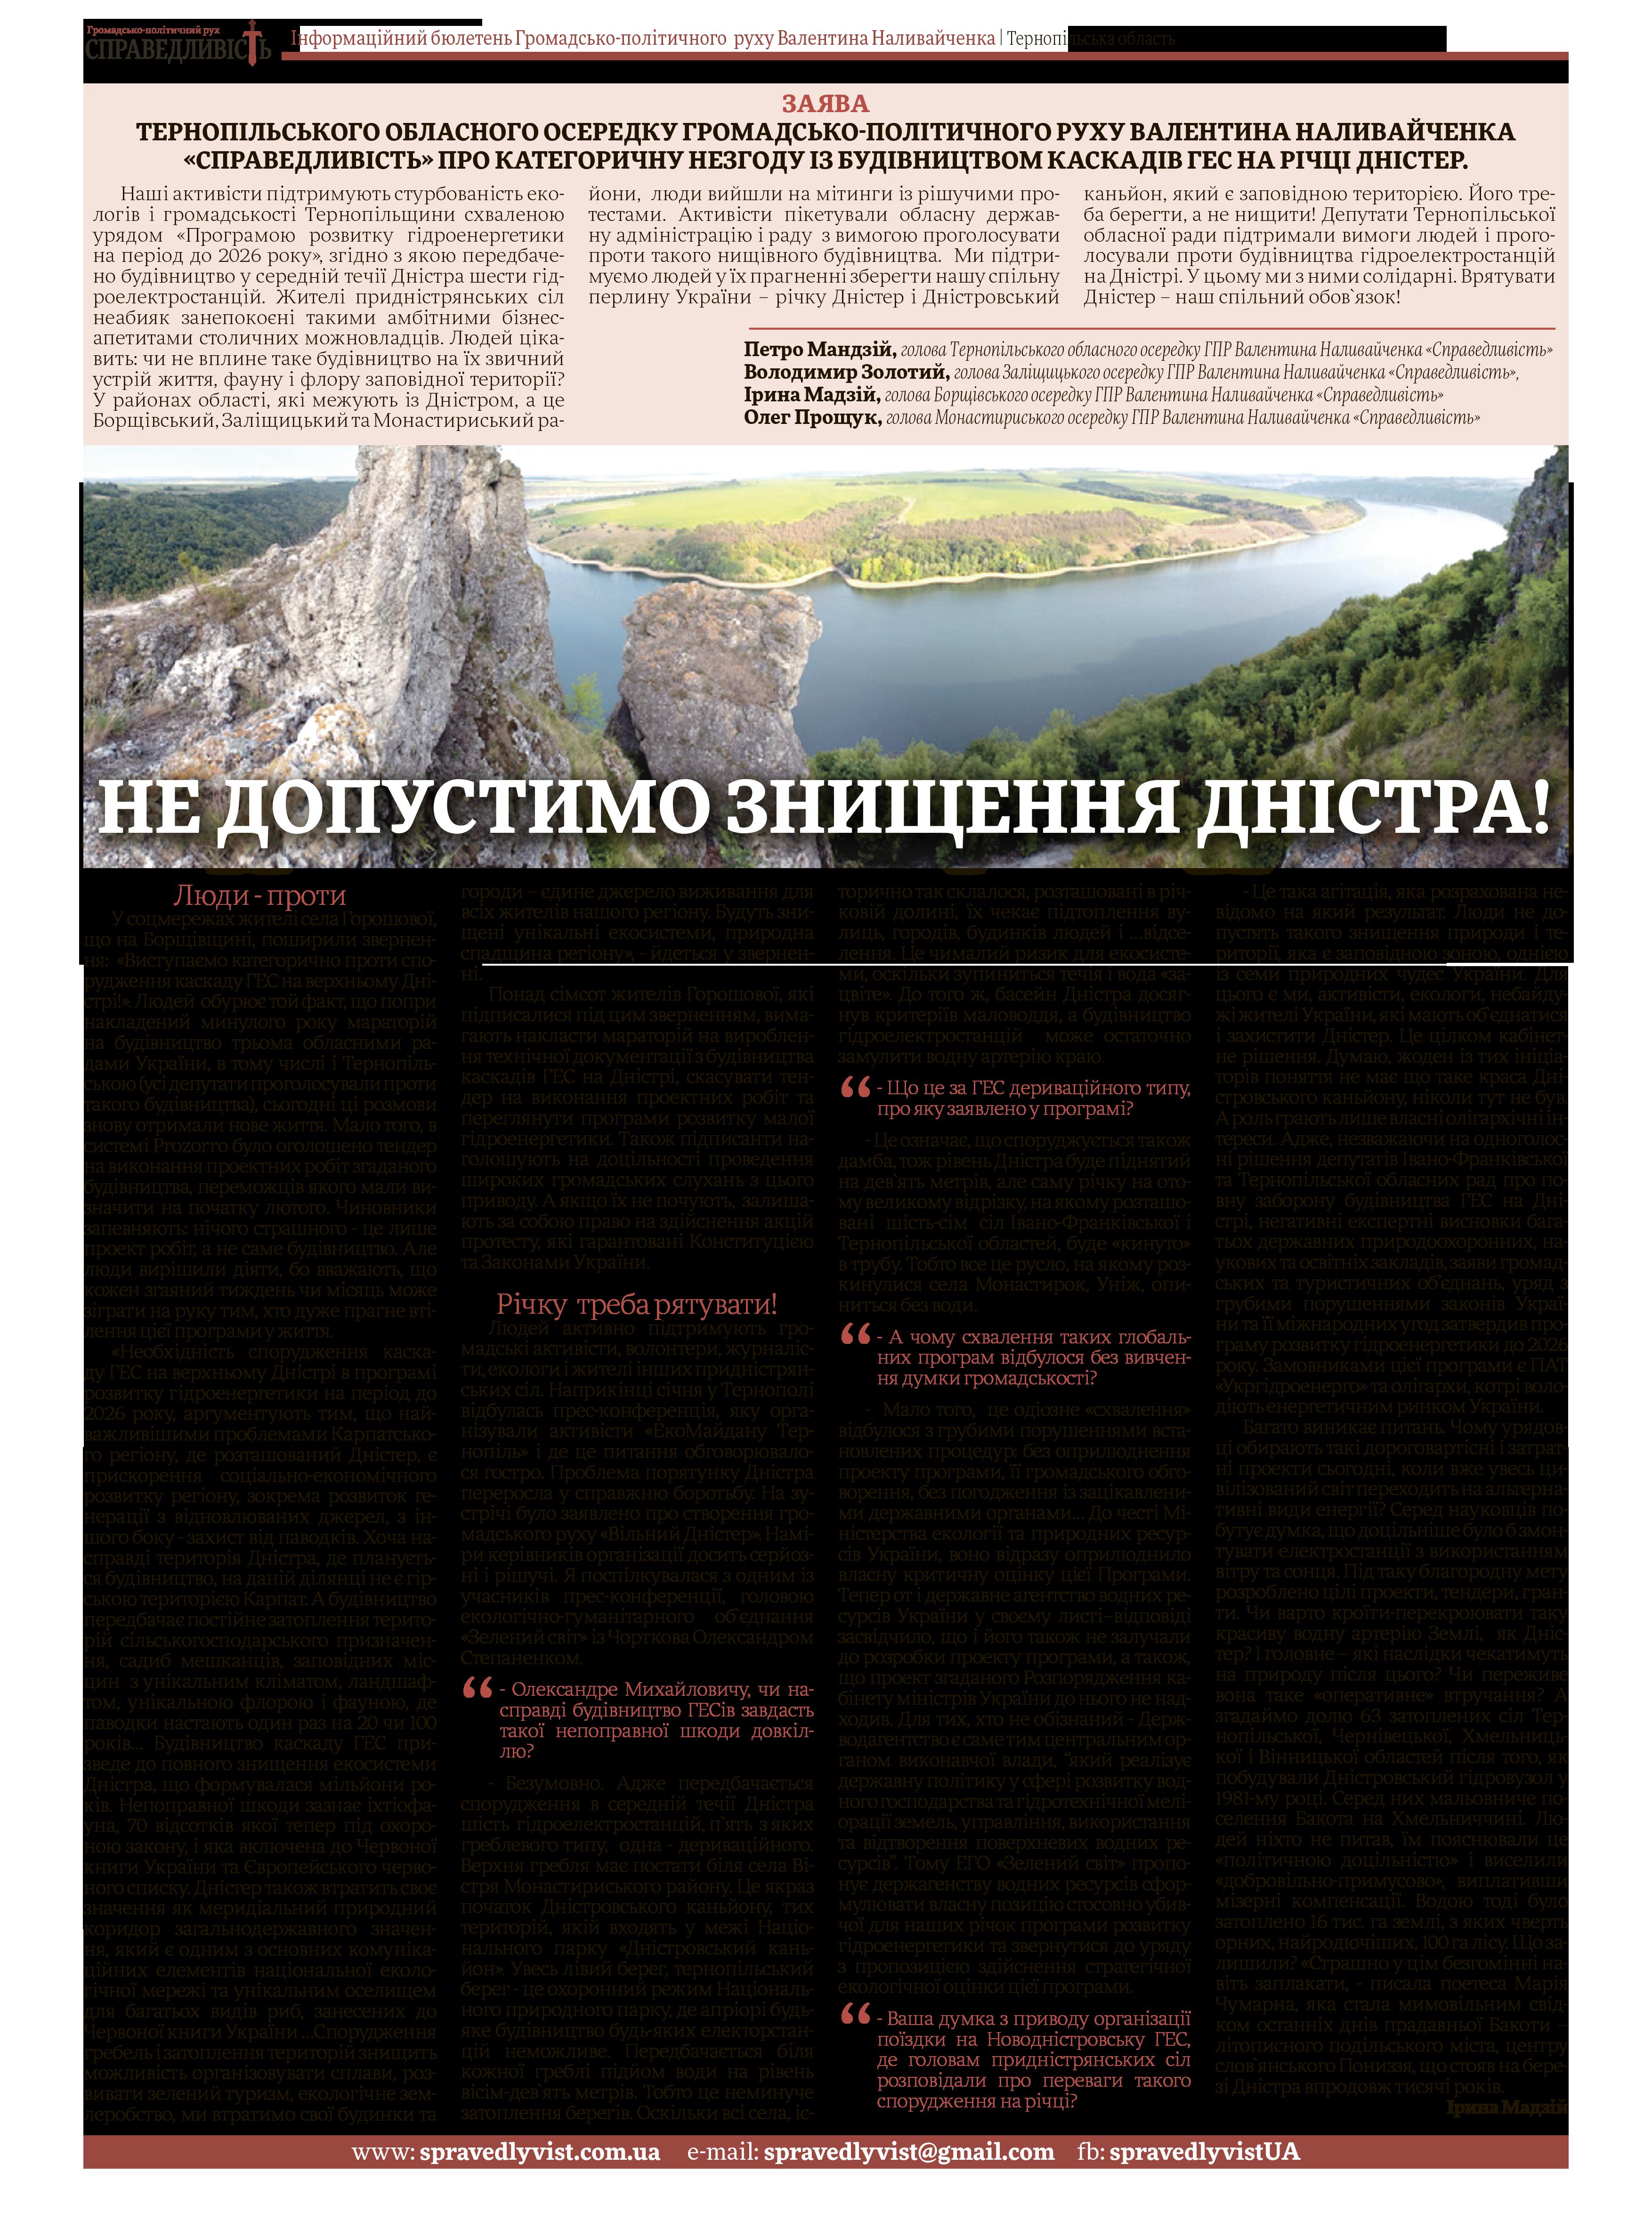 Spravedlyvist_Ternopil-2